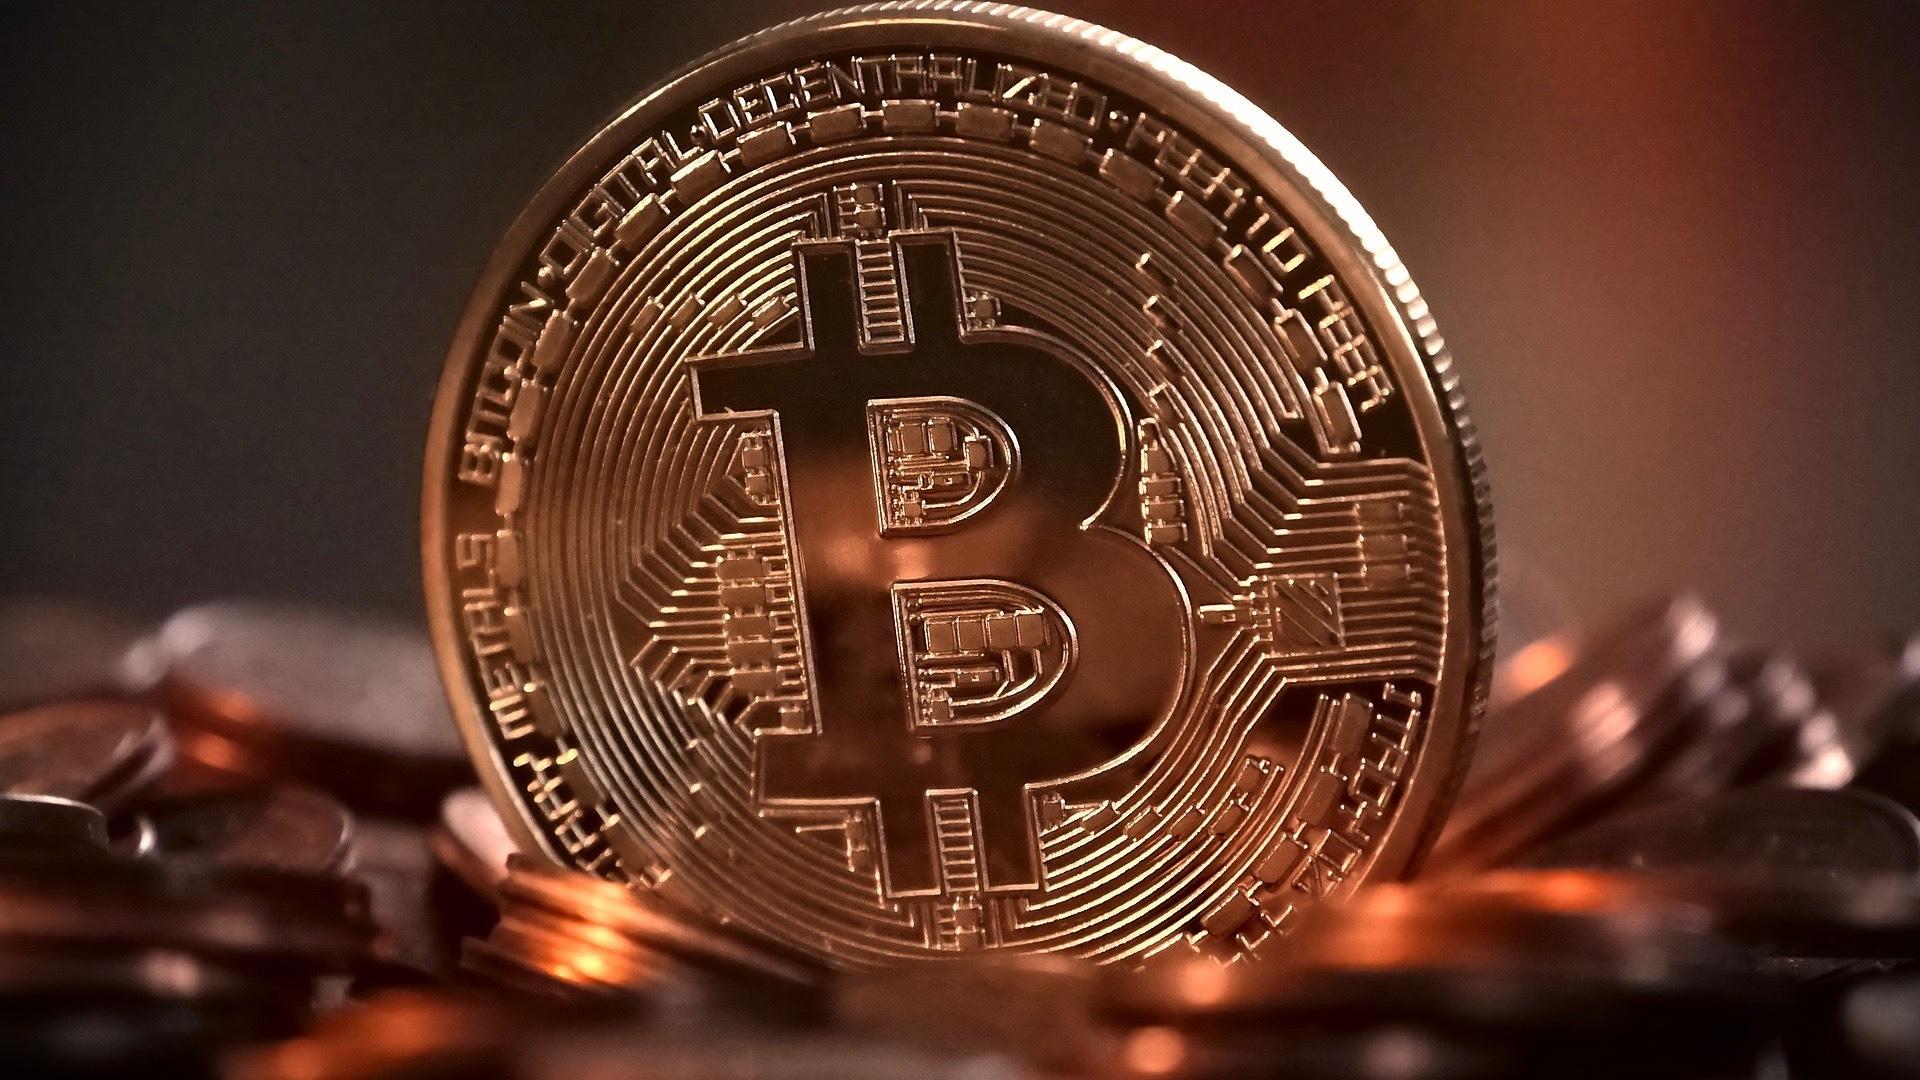 Ex-empleado de Cryptopia admite haber robado $ 170K en criptomonedas